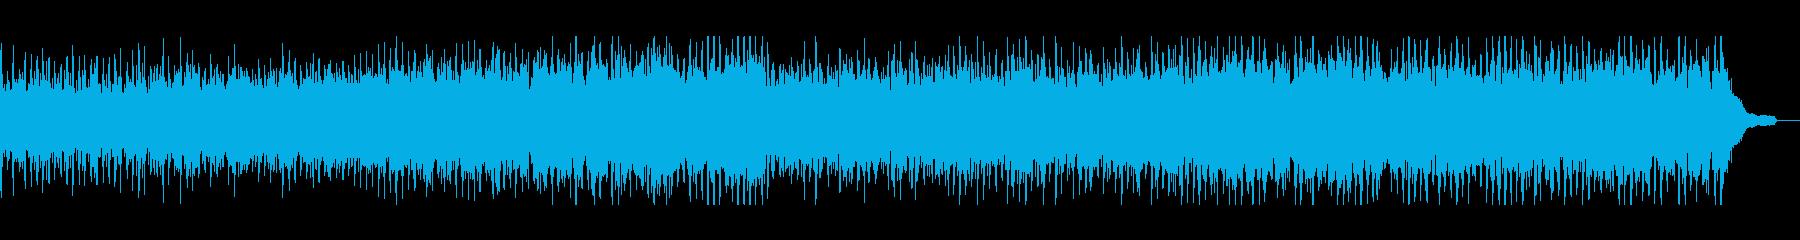 伝統的な軽快なフォークミュージックの再生済みの波形